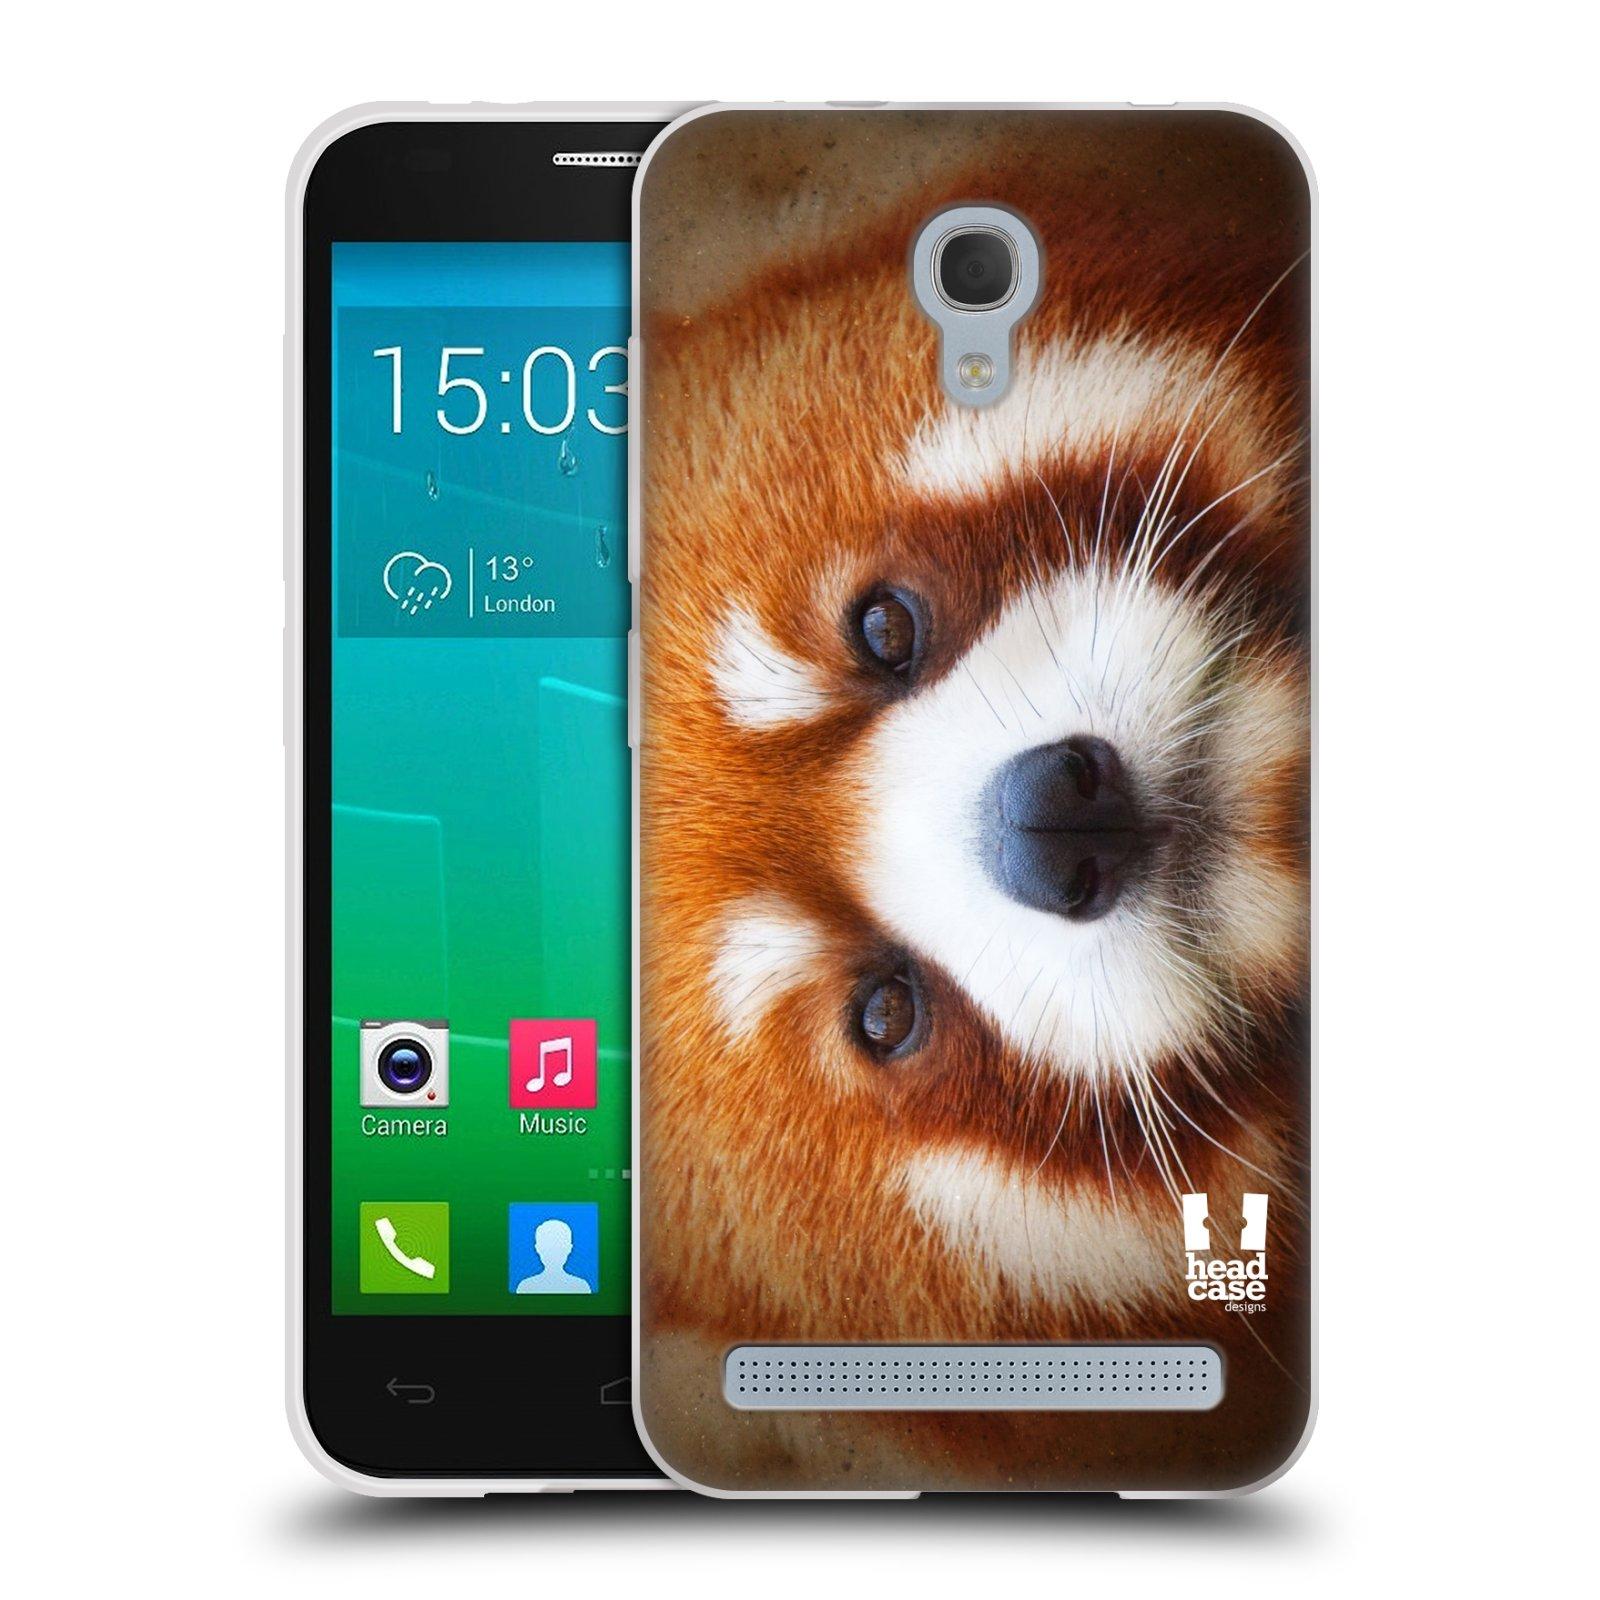 HEAD CASE silikonový obal na mobil Alcatel Idol 2 MINI S 6036Y vzor Zvířecí tváře 2 medvěd panda rudá